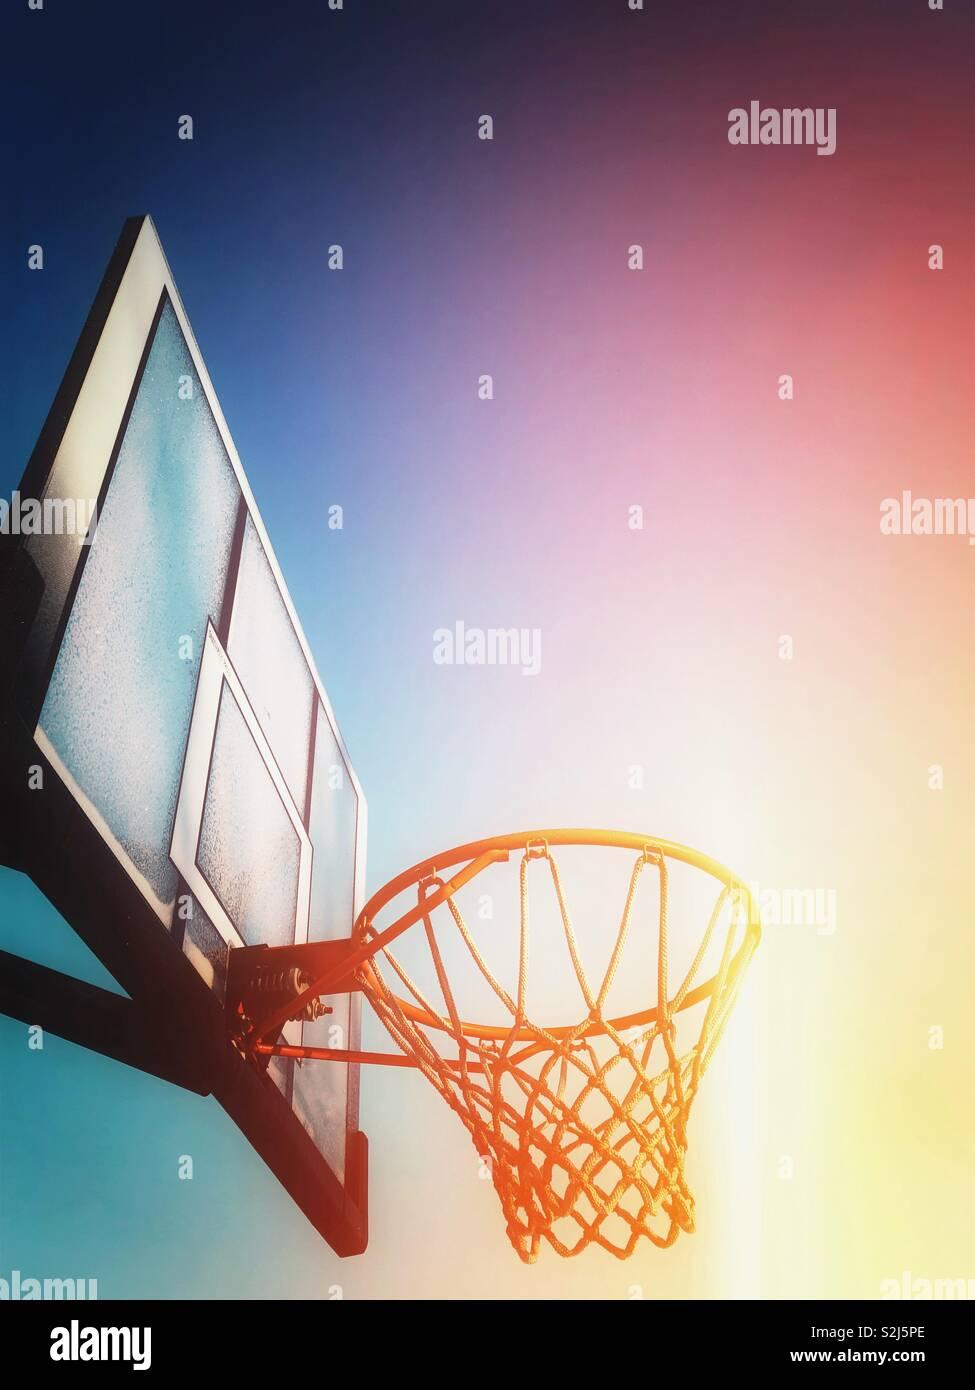 À la recherche jusqu'à net de basket-ball Photo Stock